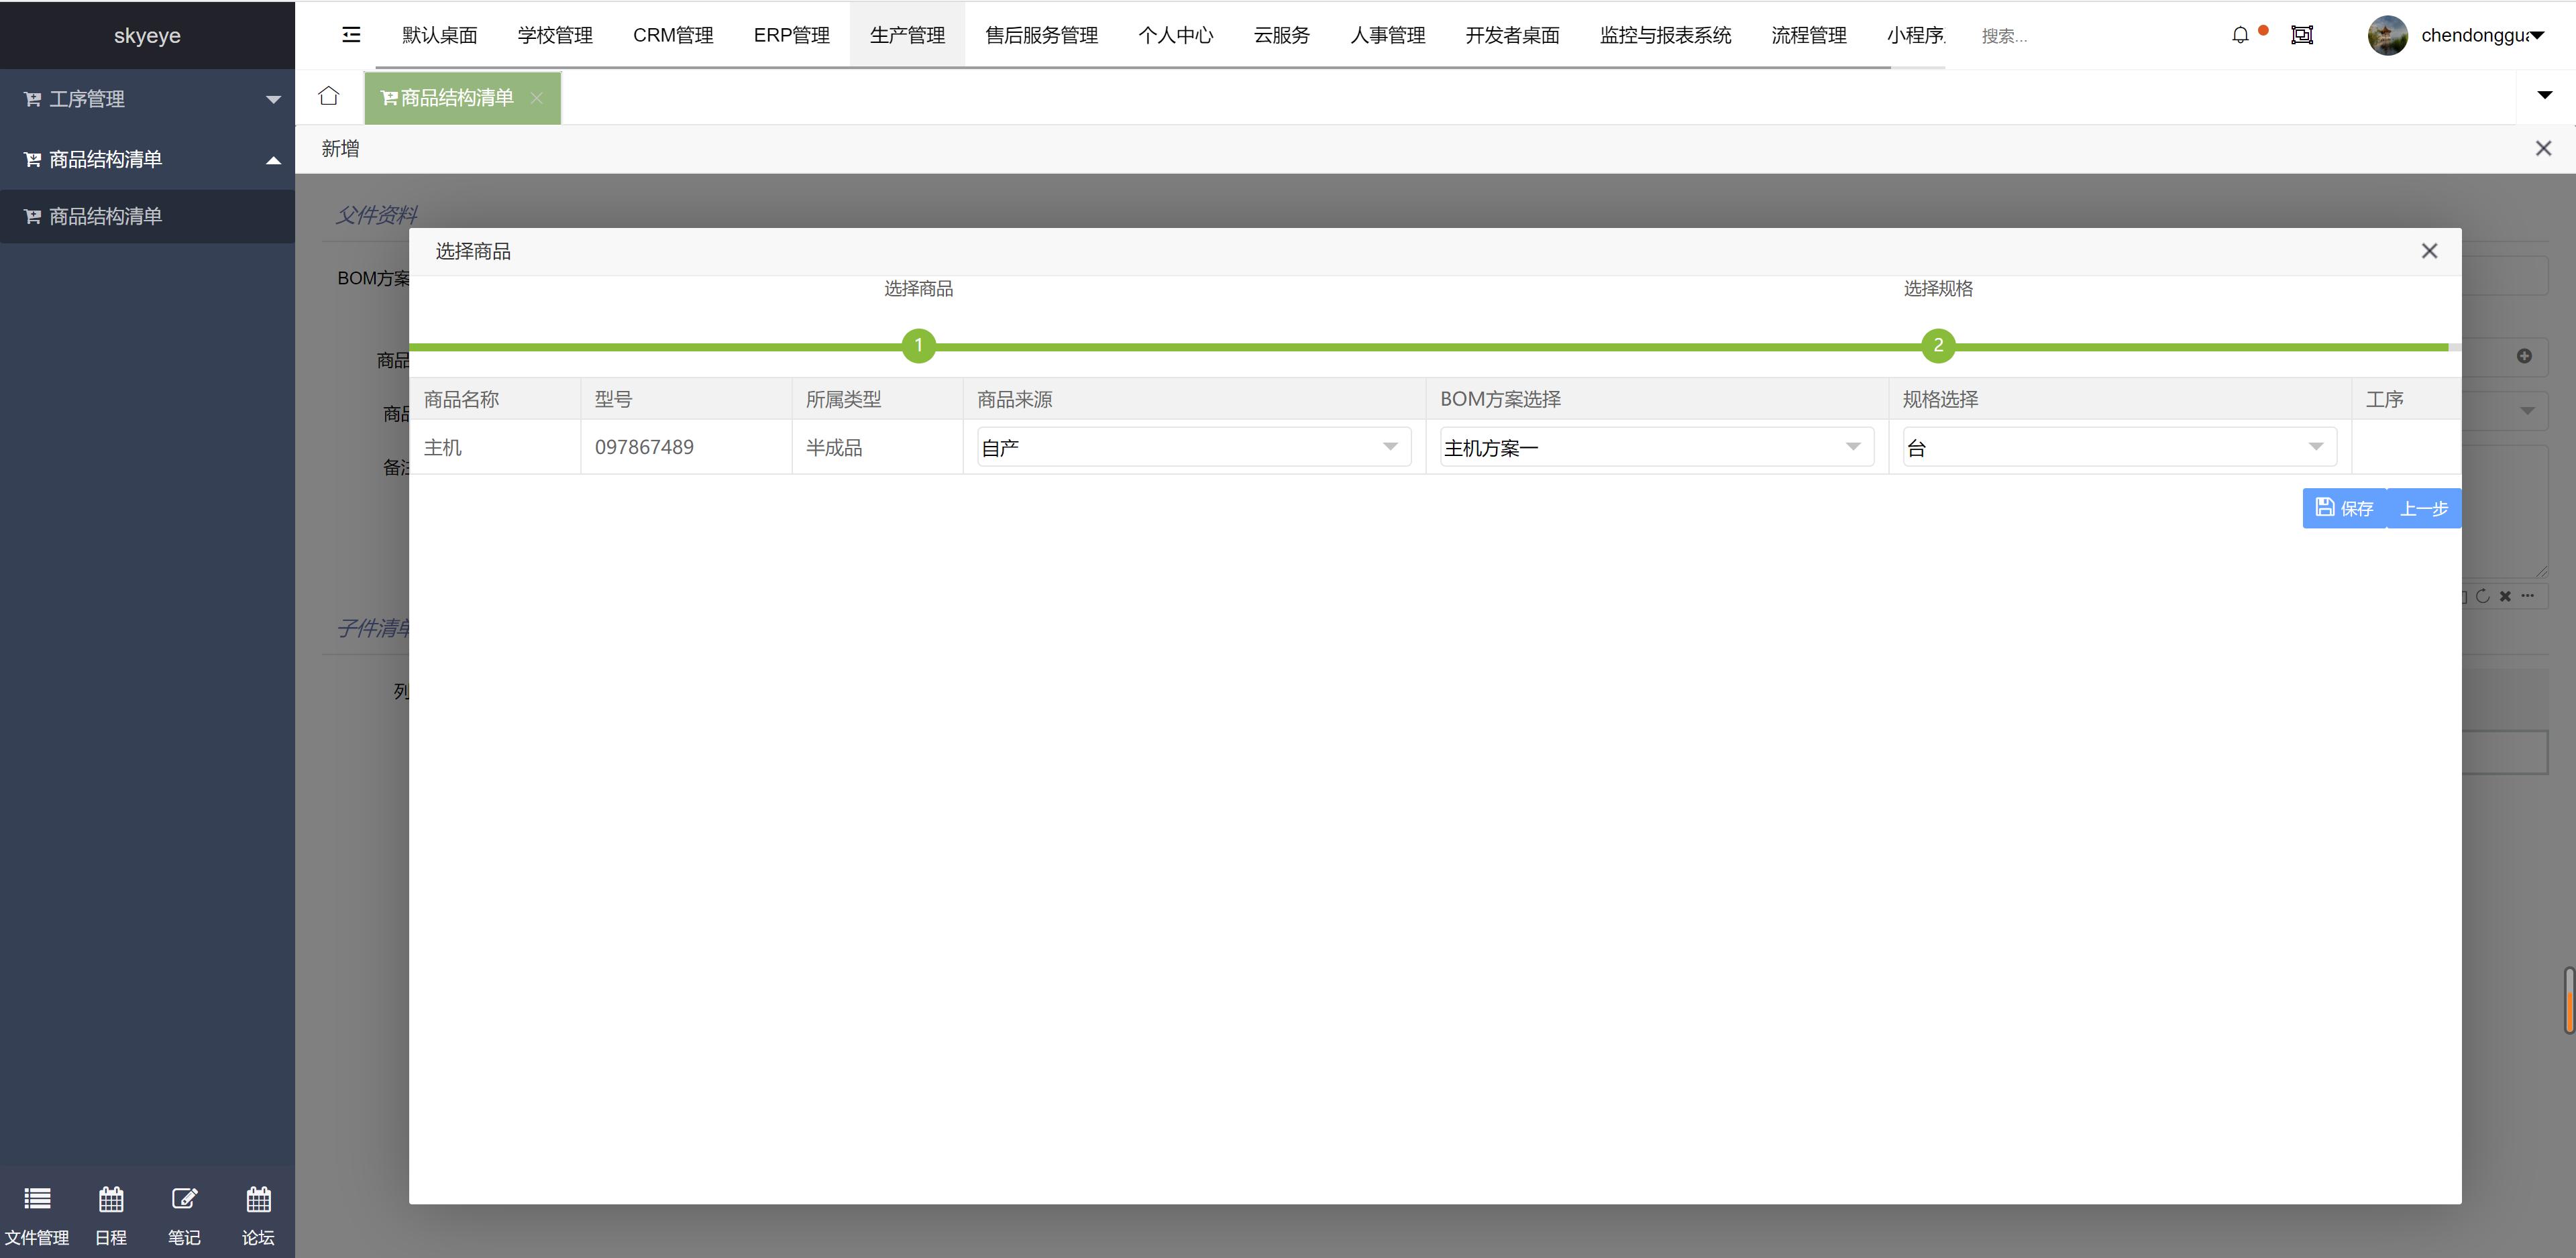 云办公系统 skyeye v3.1.7 发布,生产模块更新